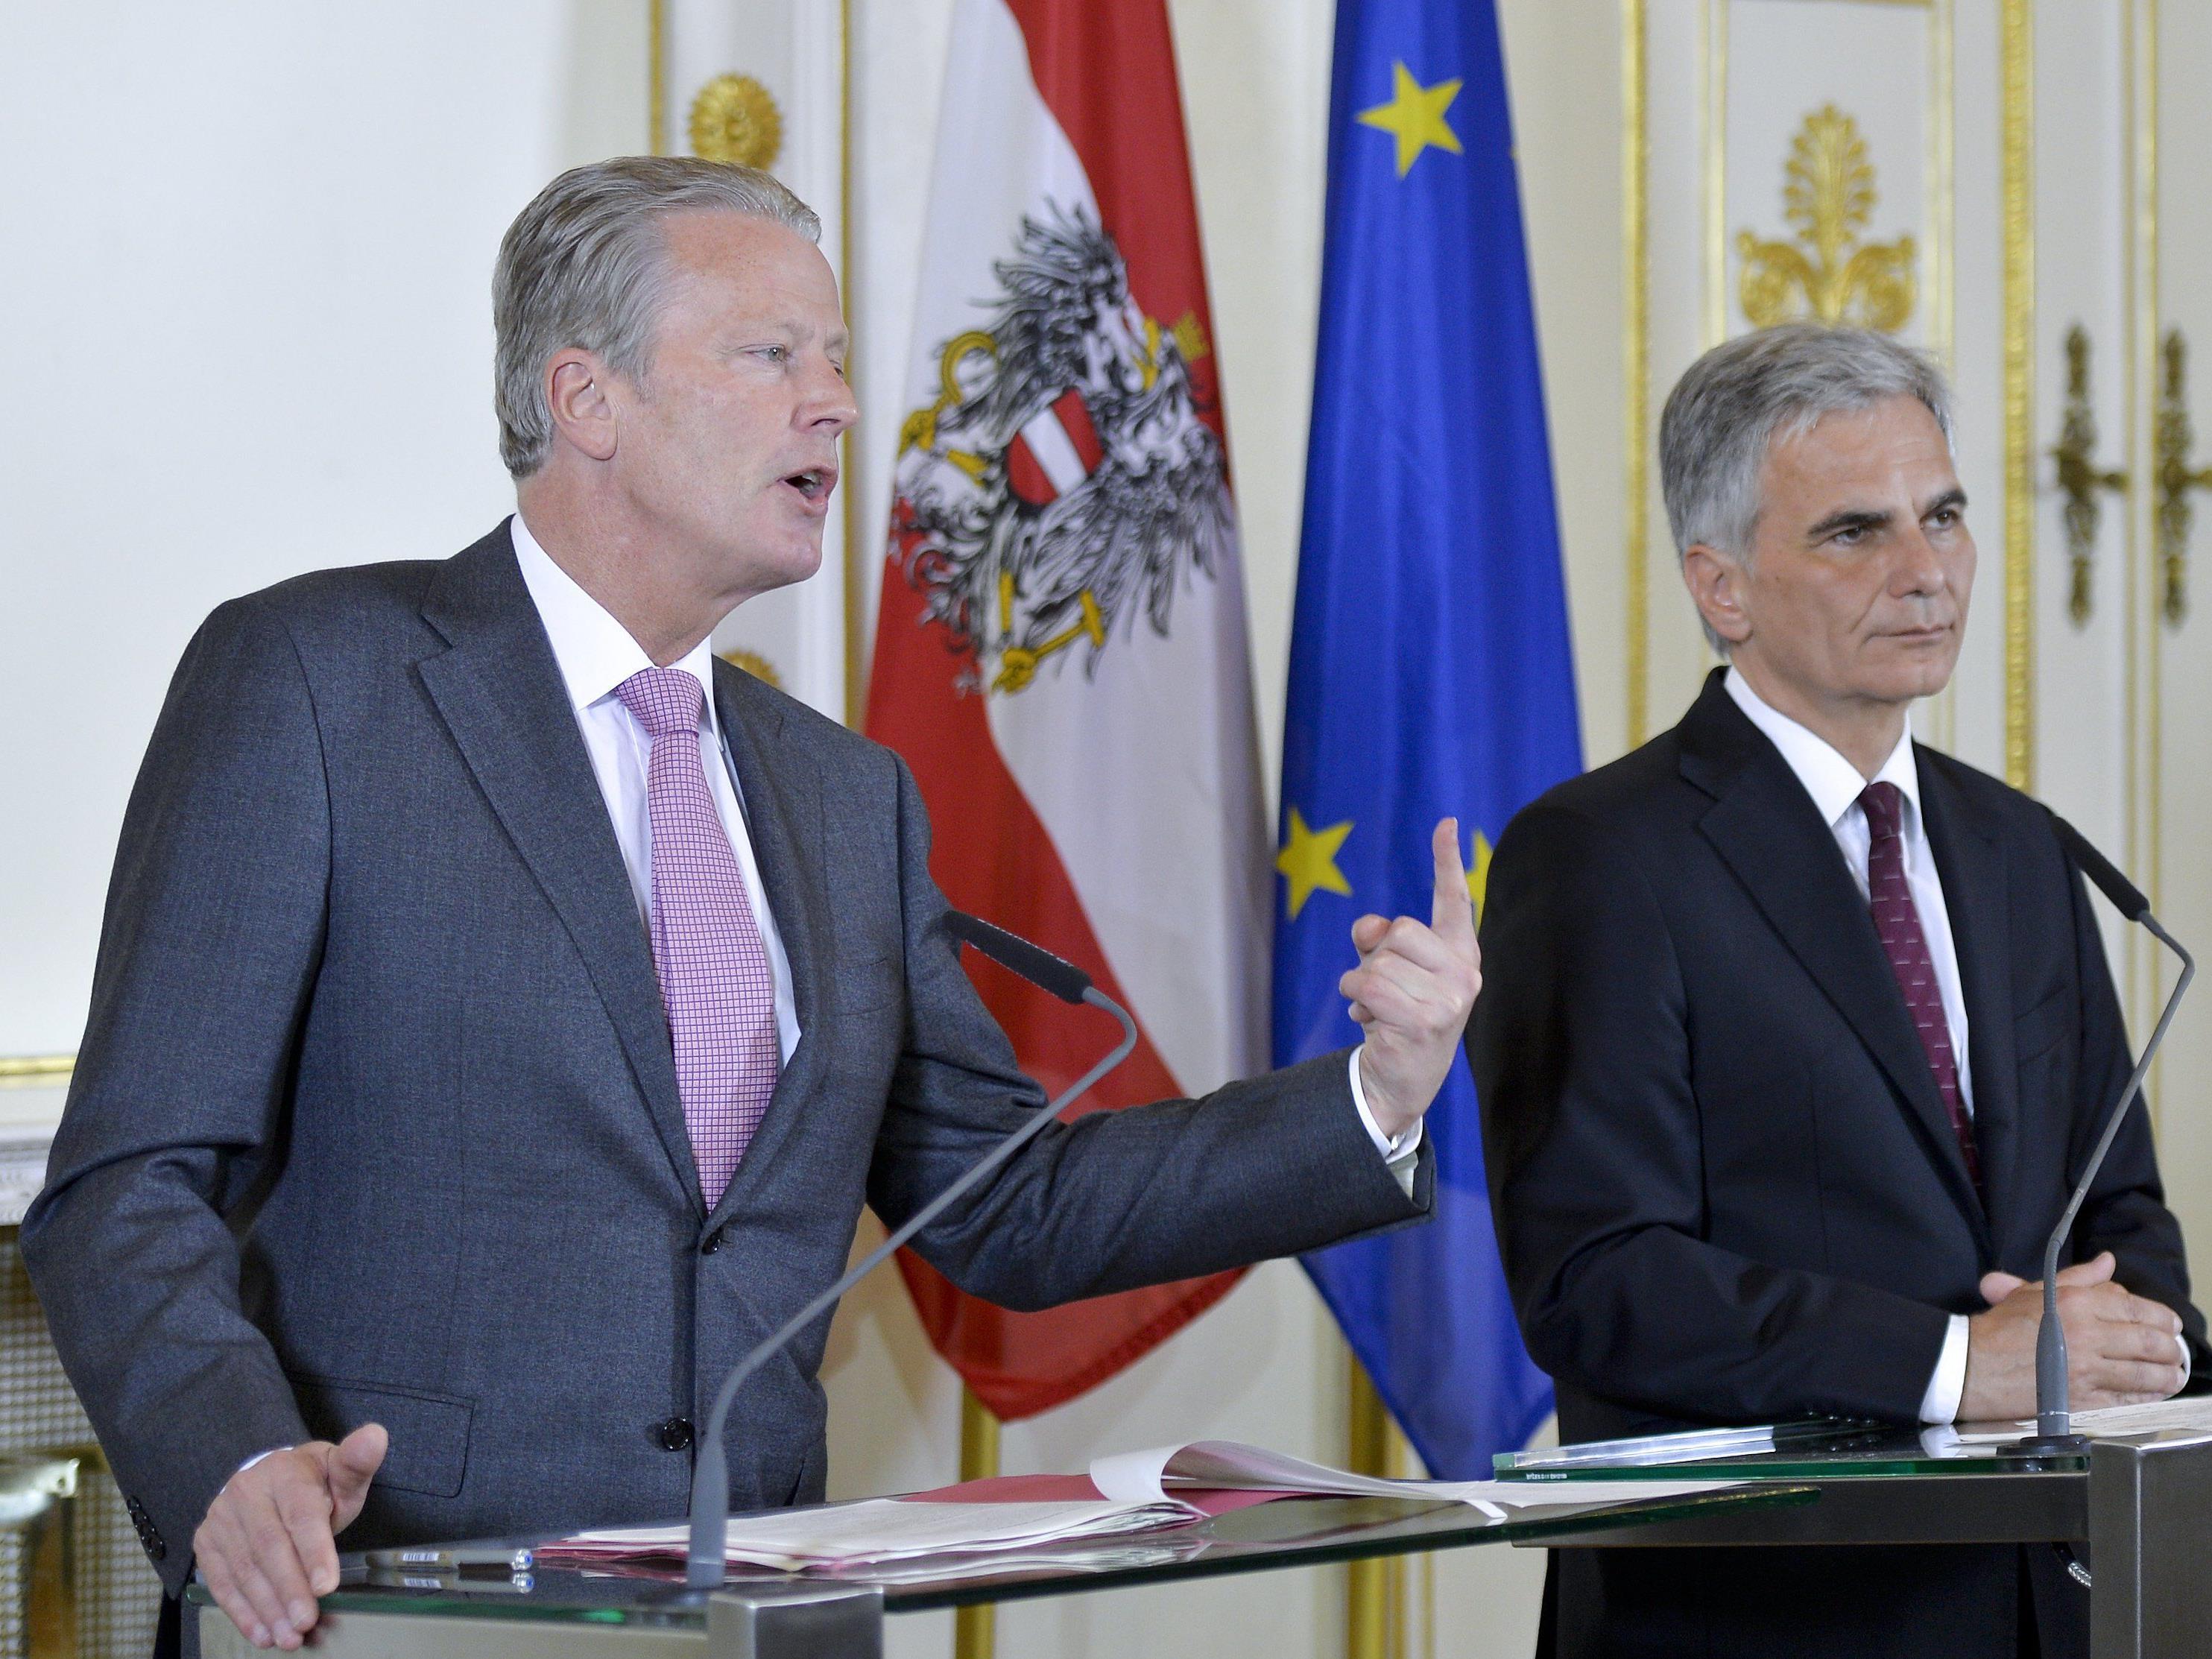 Mitterlehner und Faymann bei der Präsentation der Steuerreform nach dem Ministerrat am Dienstag.